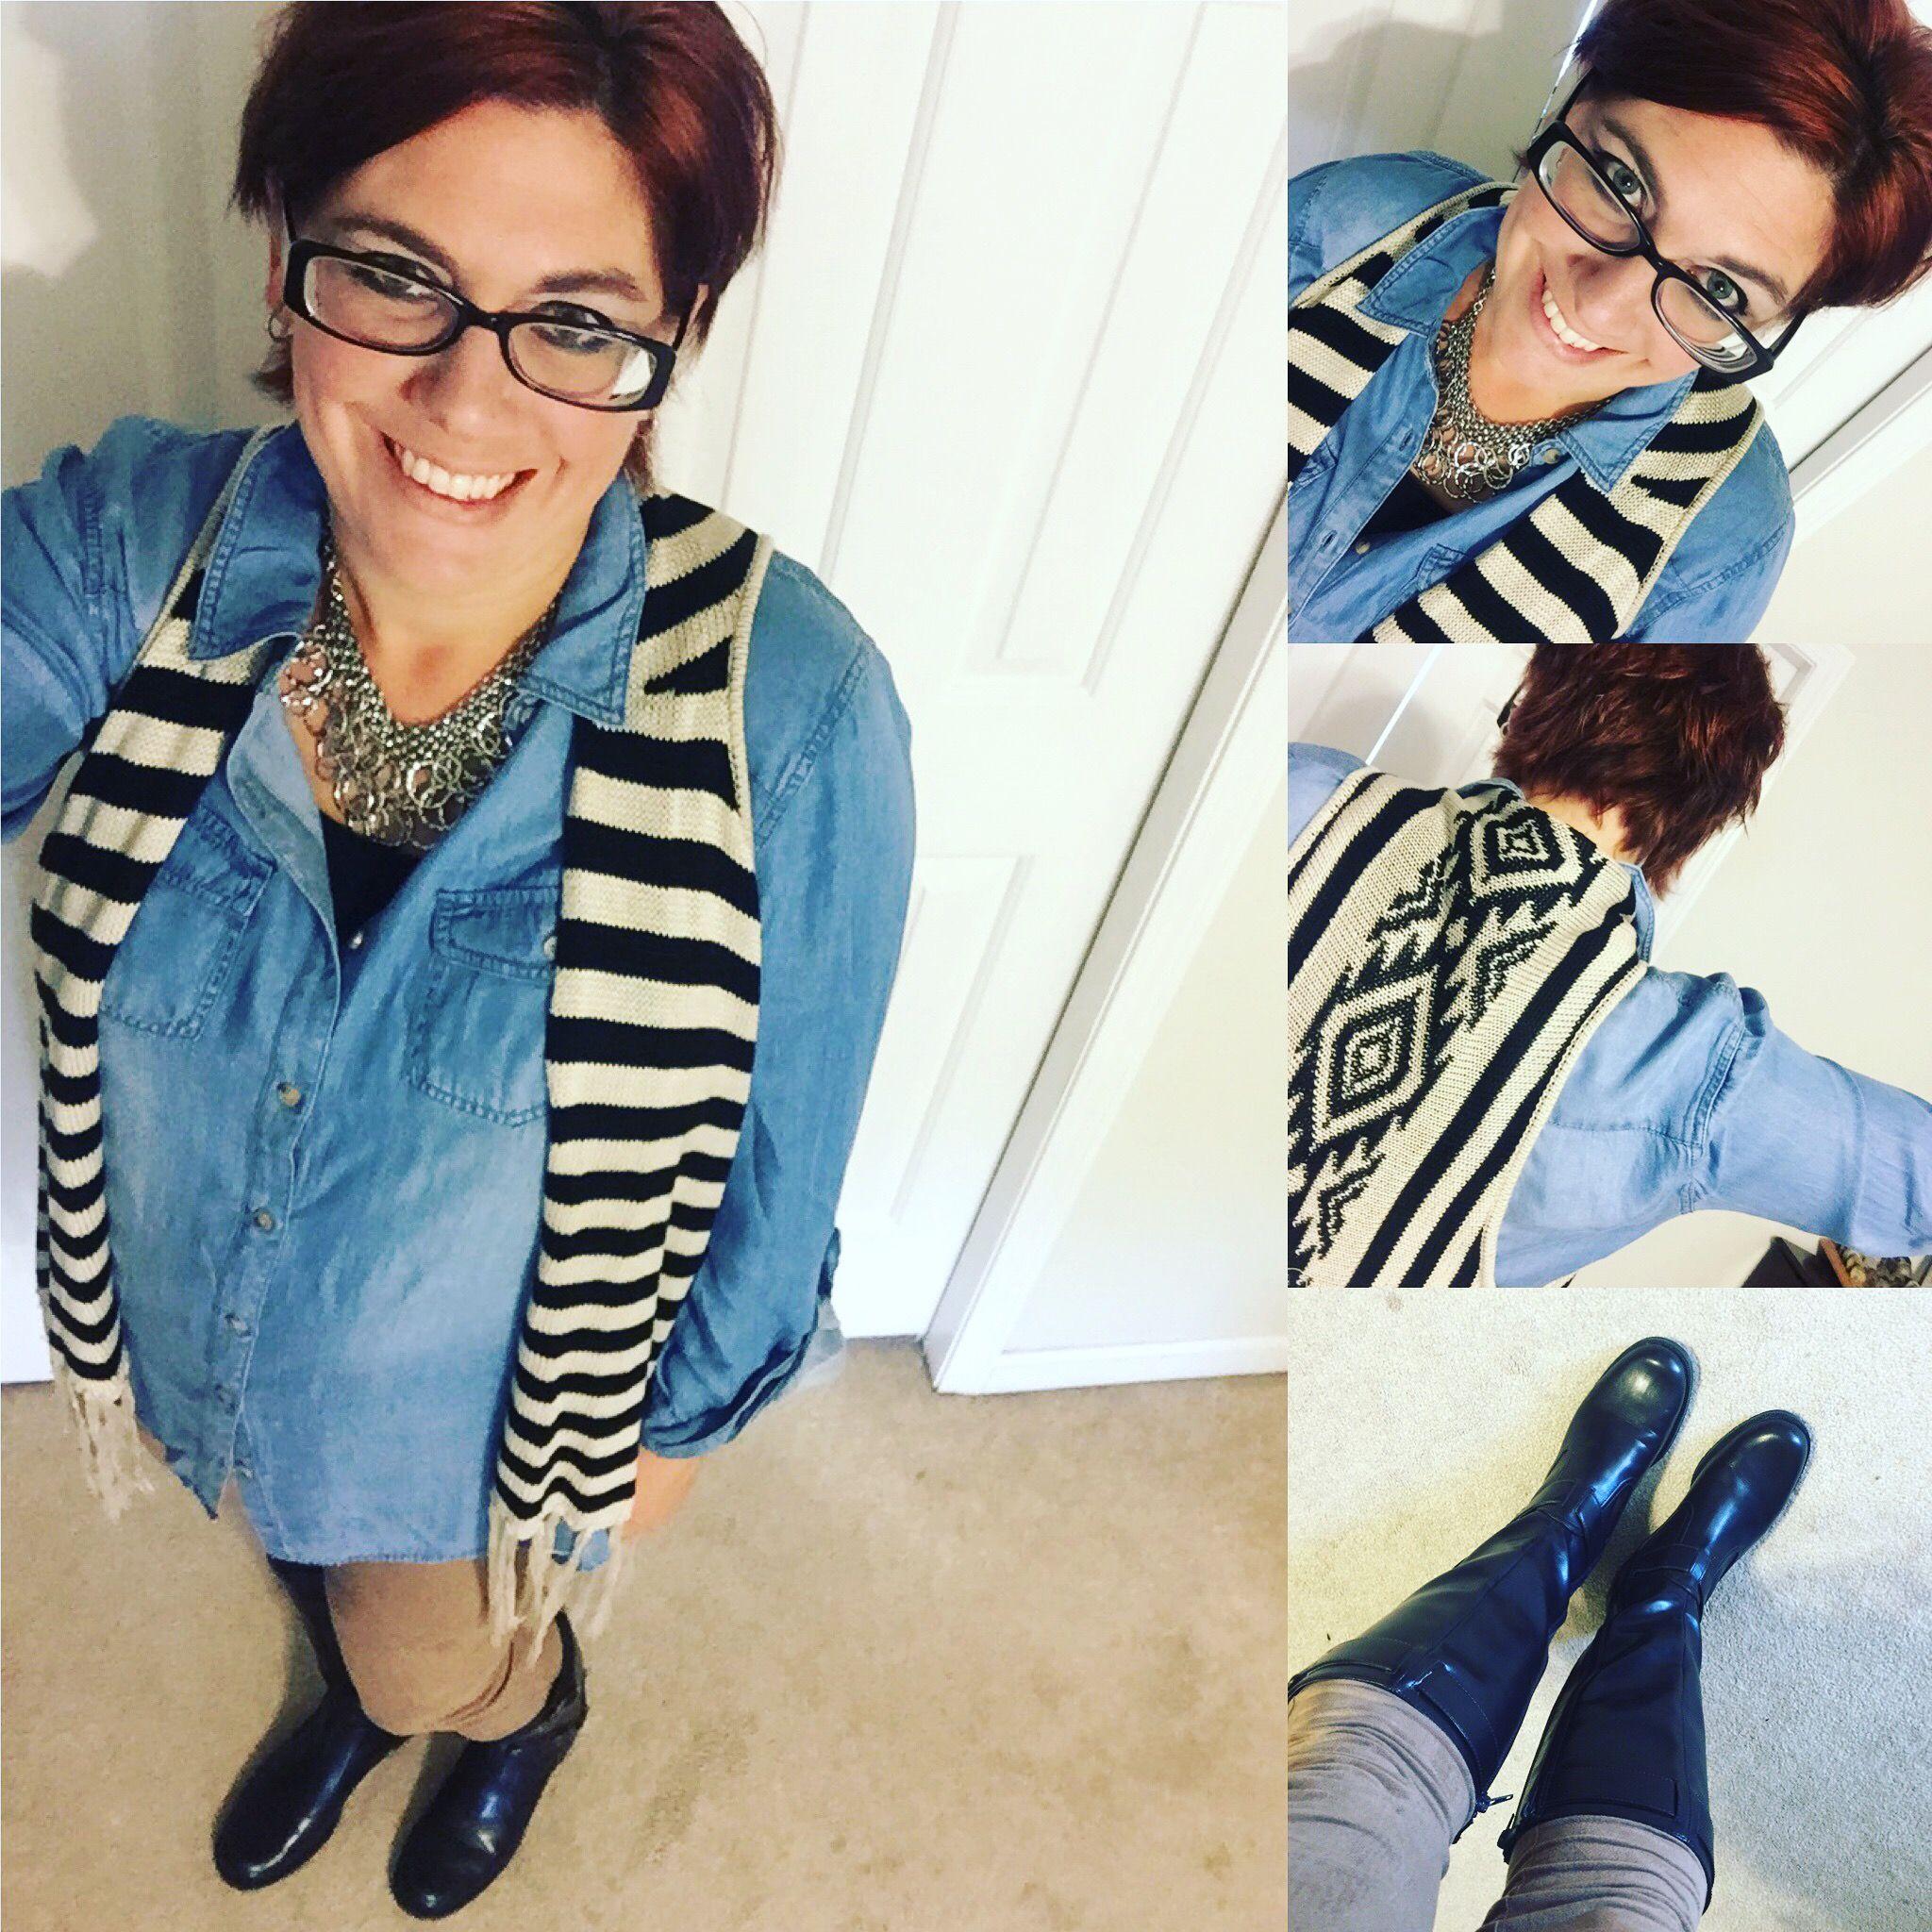 Shirt: Cato Fashions// Sweater vest: Kohl's// Leggings: Burlington ...